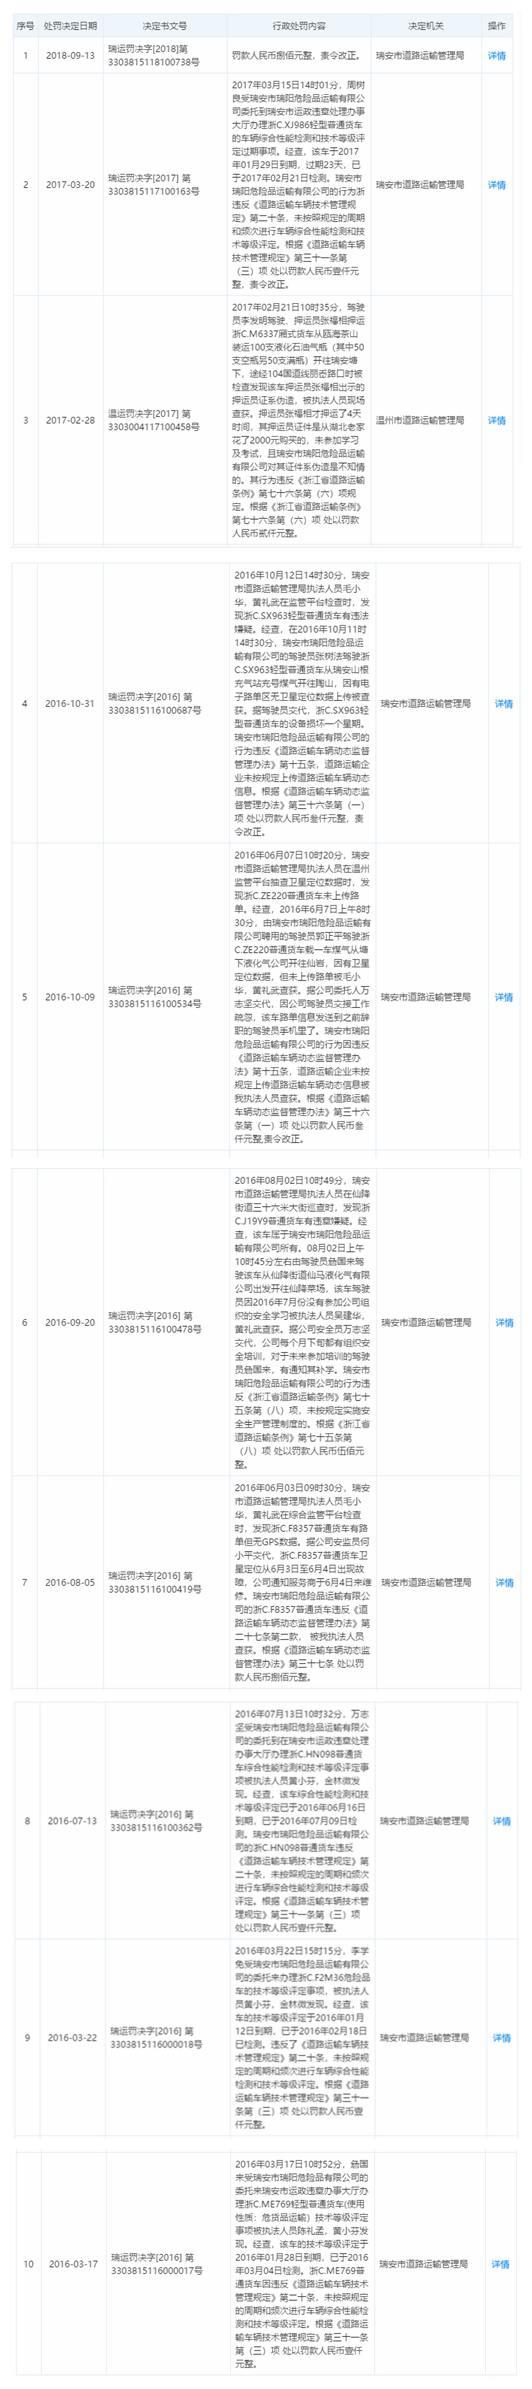 浙江槽罐车爆炸事故已造成19人遇难 涉事企业自2016年来已十次受罚